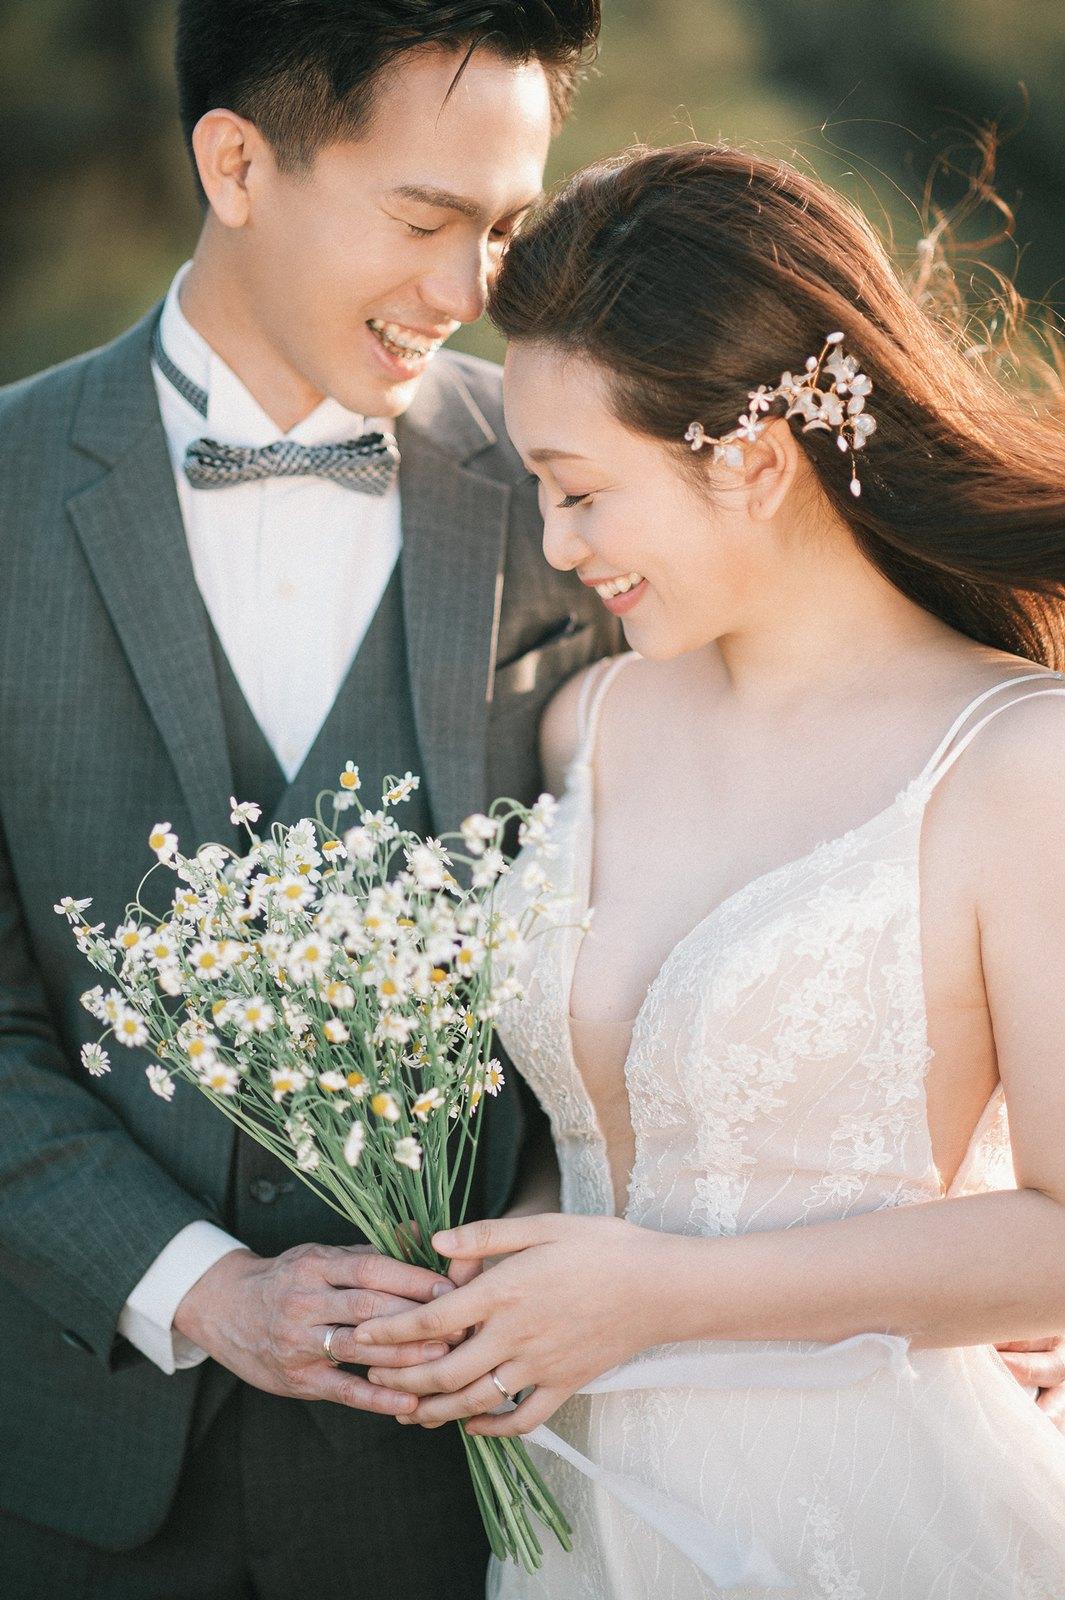 【婚紗】Ryan & Jessica / 民生社區 / 沙崙海灘